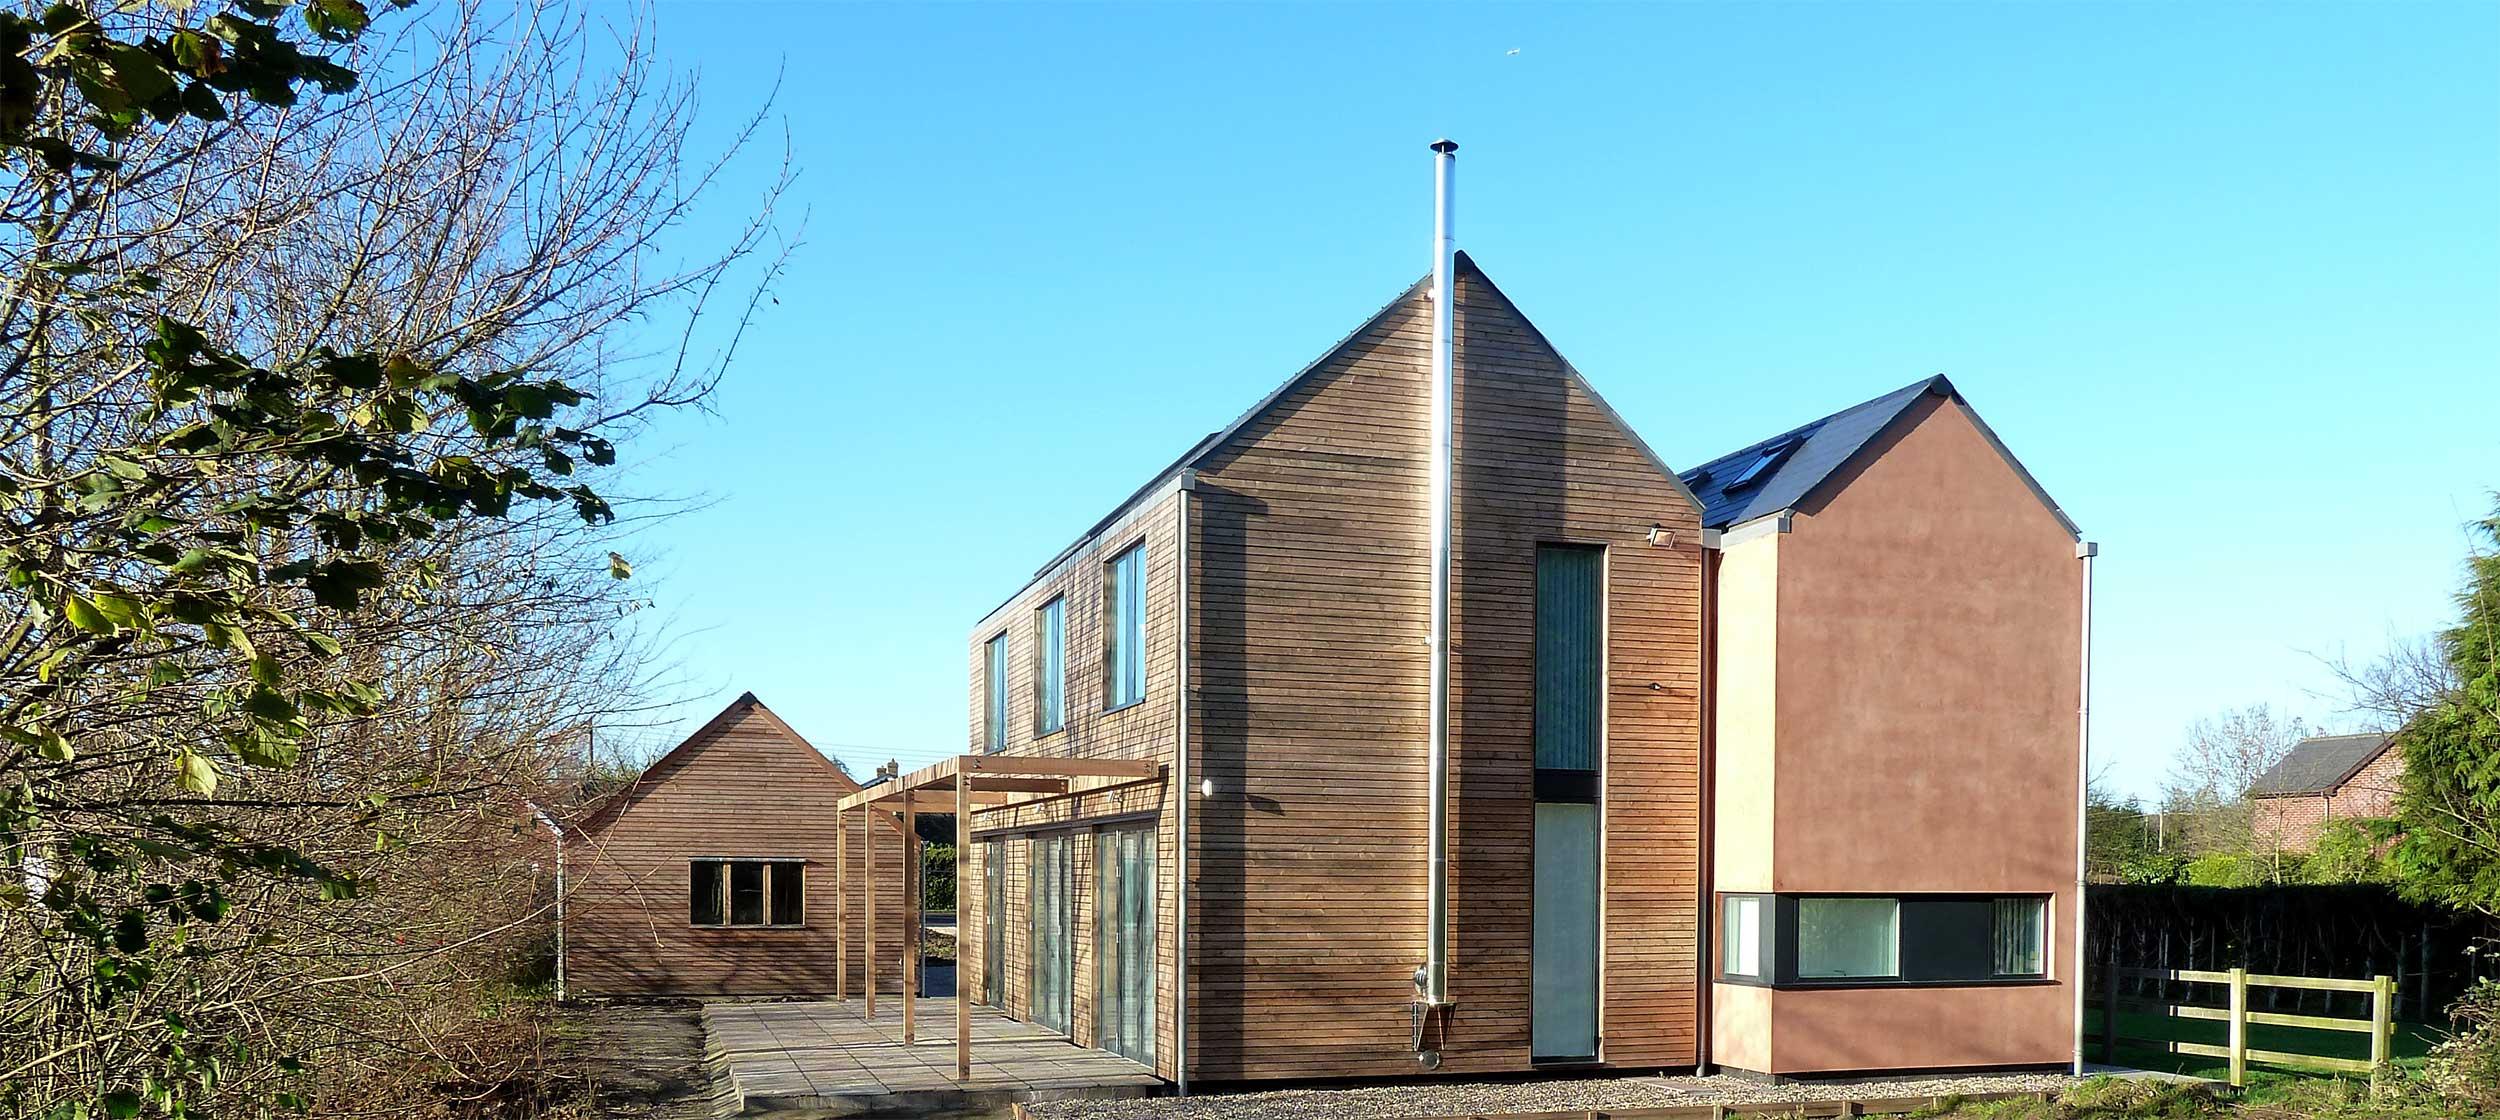 Larchwood dwelling modece architects suffolk bury st edmunds sustainable eco